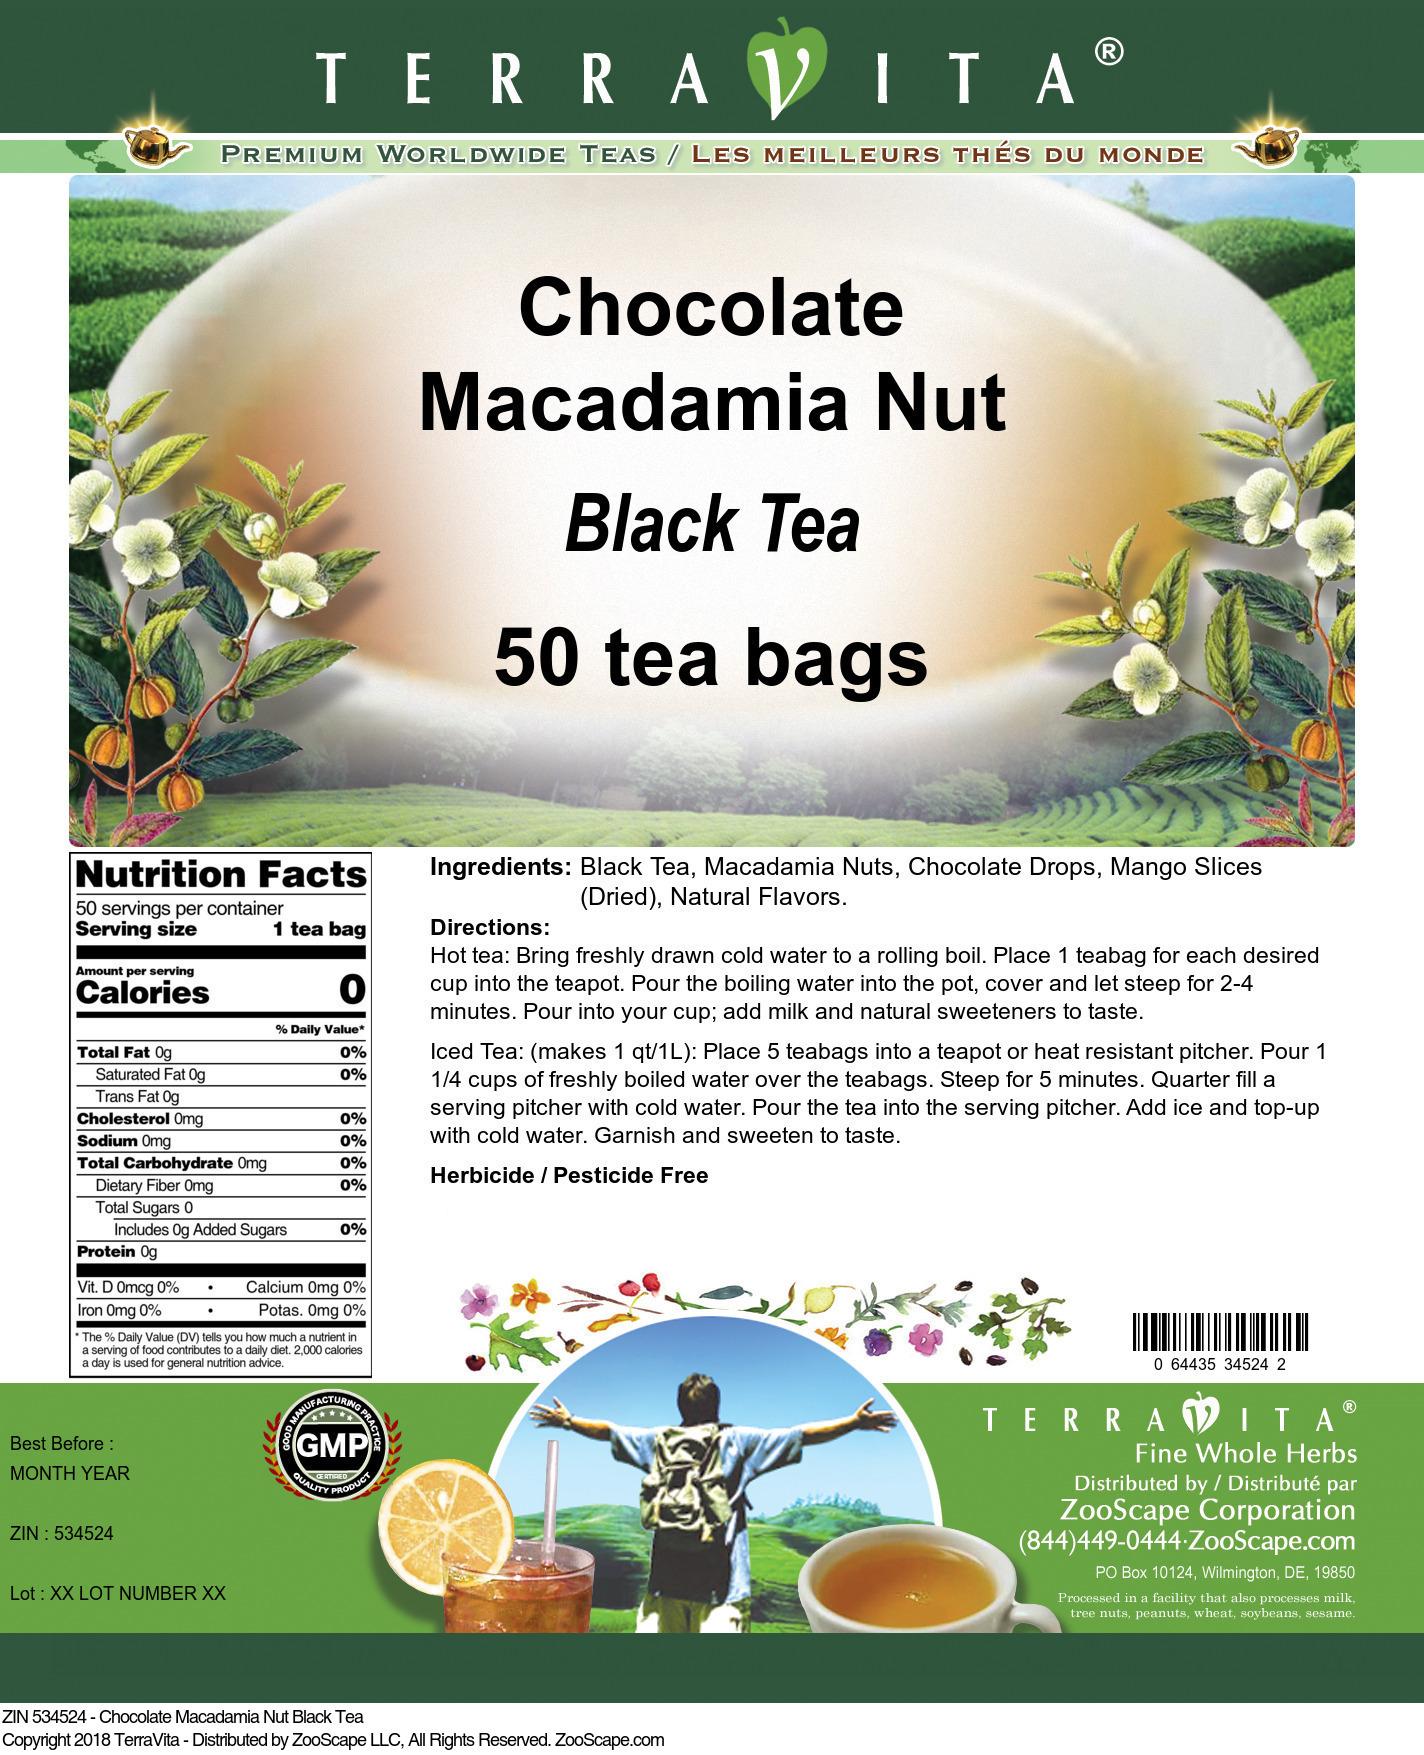 Chocolate Macadamia Nut Black Tea